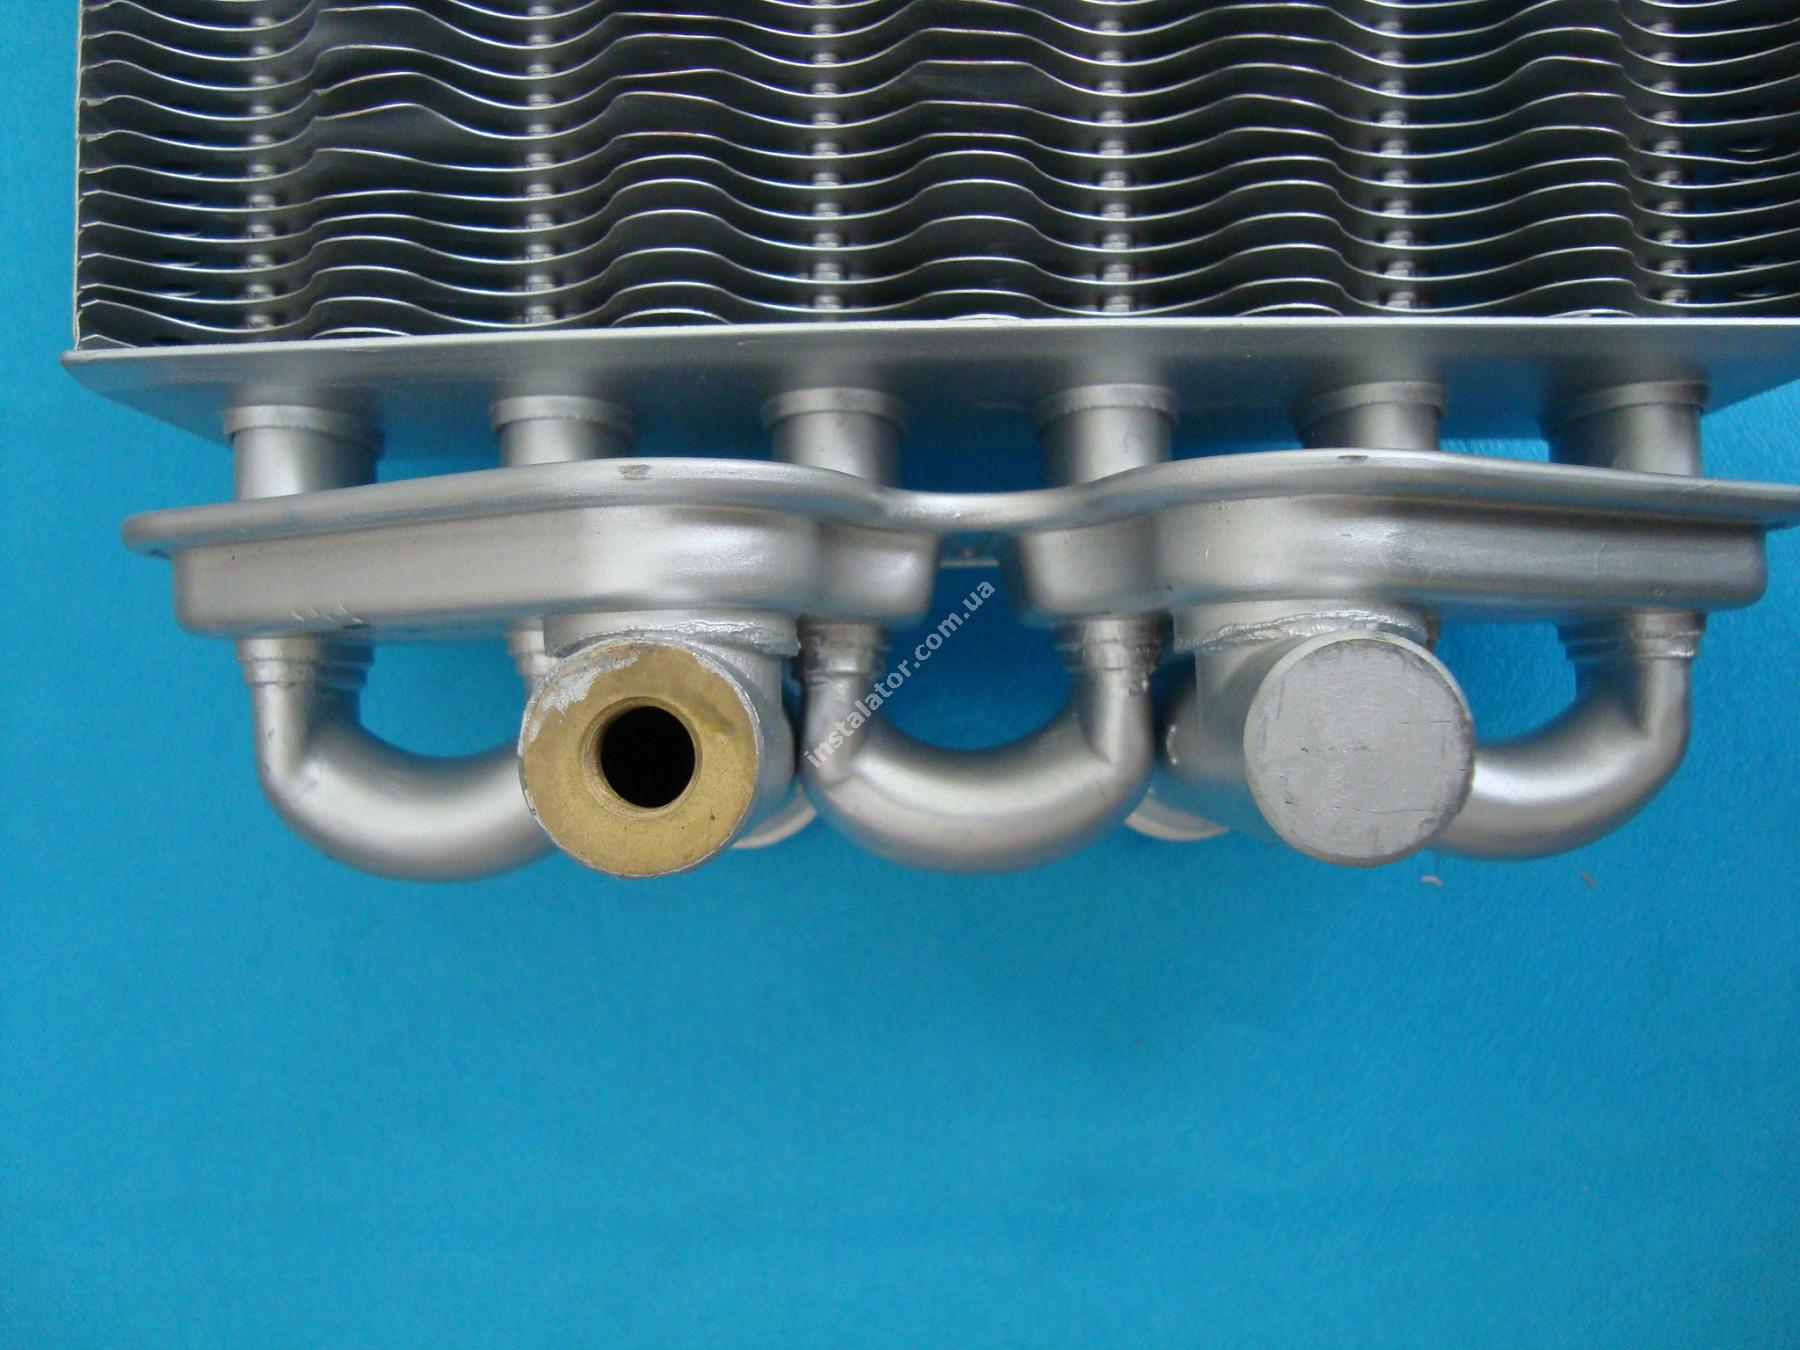 616170 Теплообменник битермический BAXI WESTEN QUASAR full-image-2